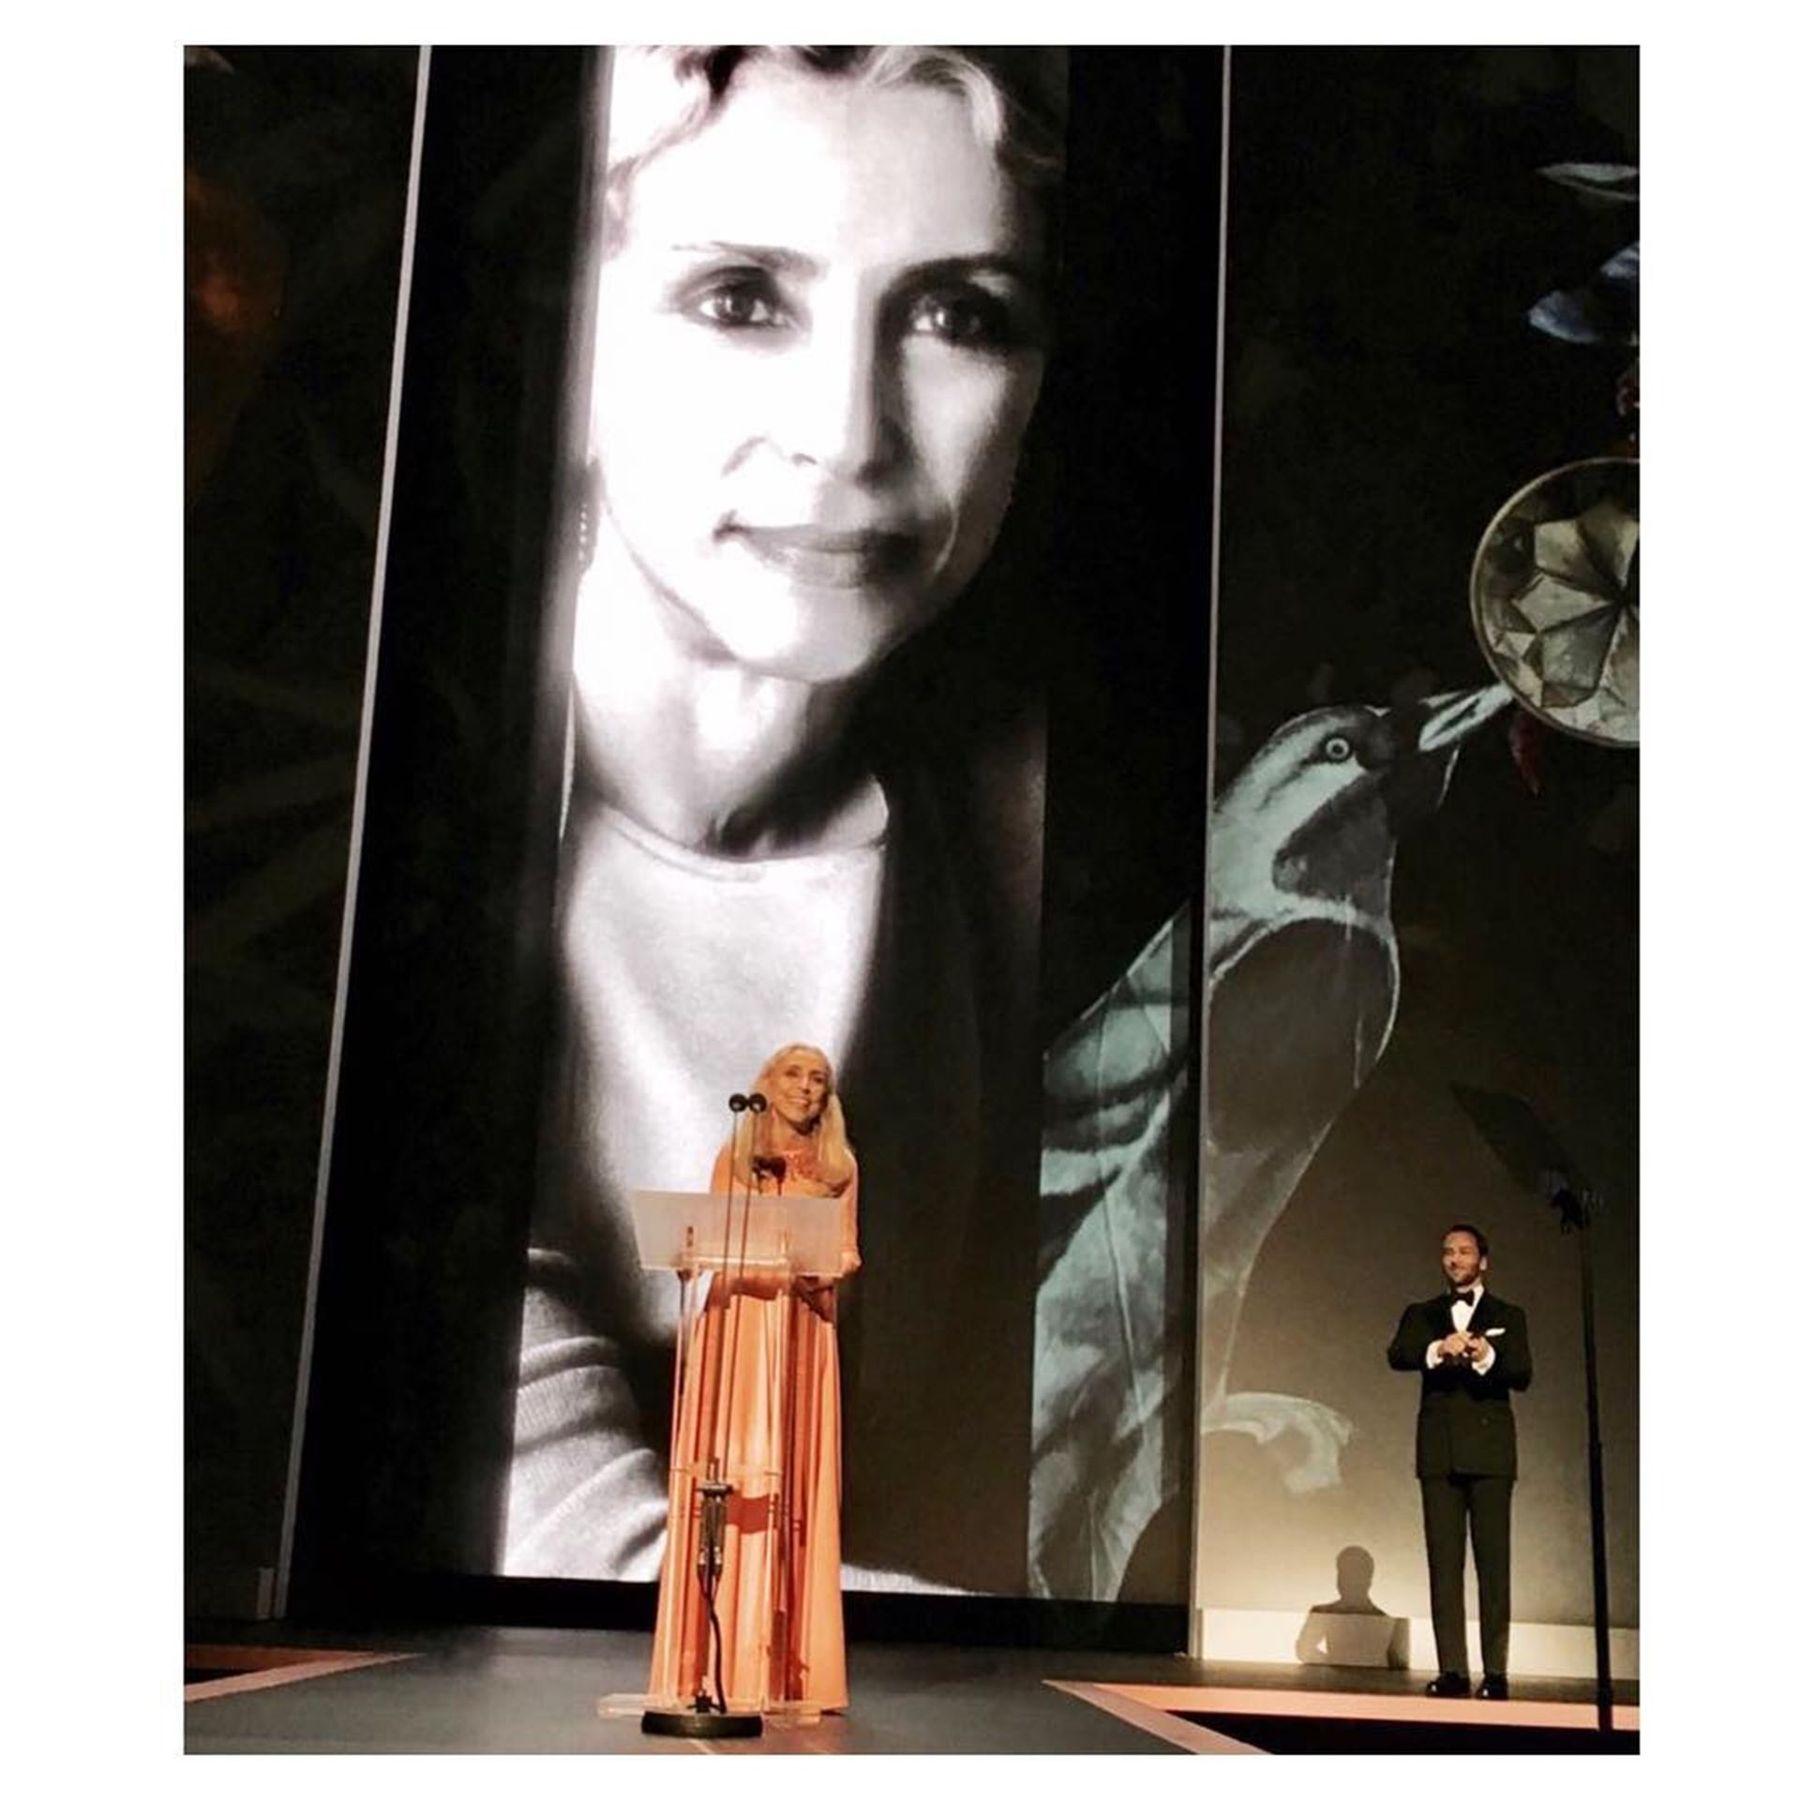 A díj nyertese, Franca Sozzani (balra) Tom Ford-tól (jobbra) vehette át a díjat<br />forrás: vogue.co.uk